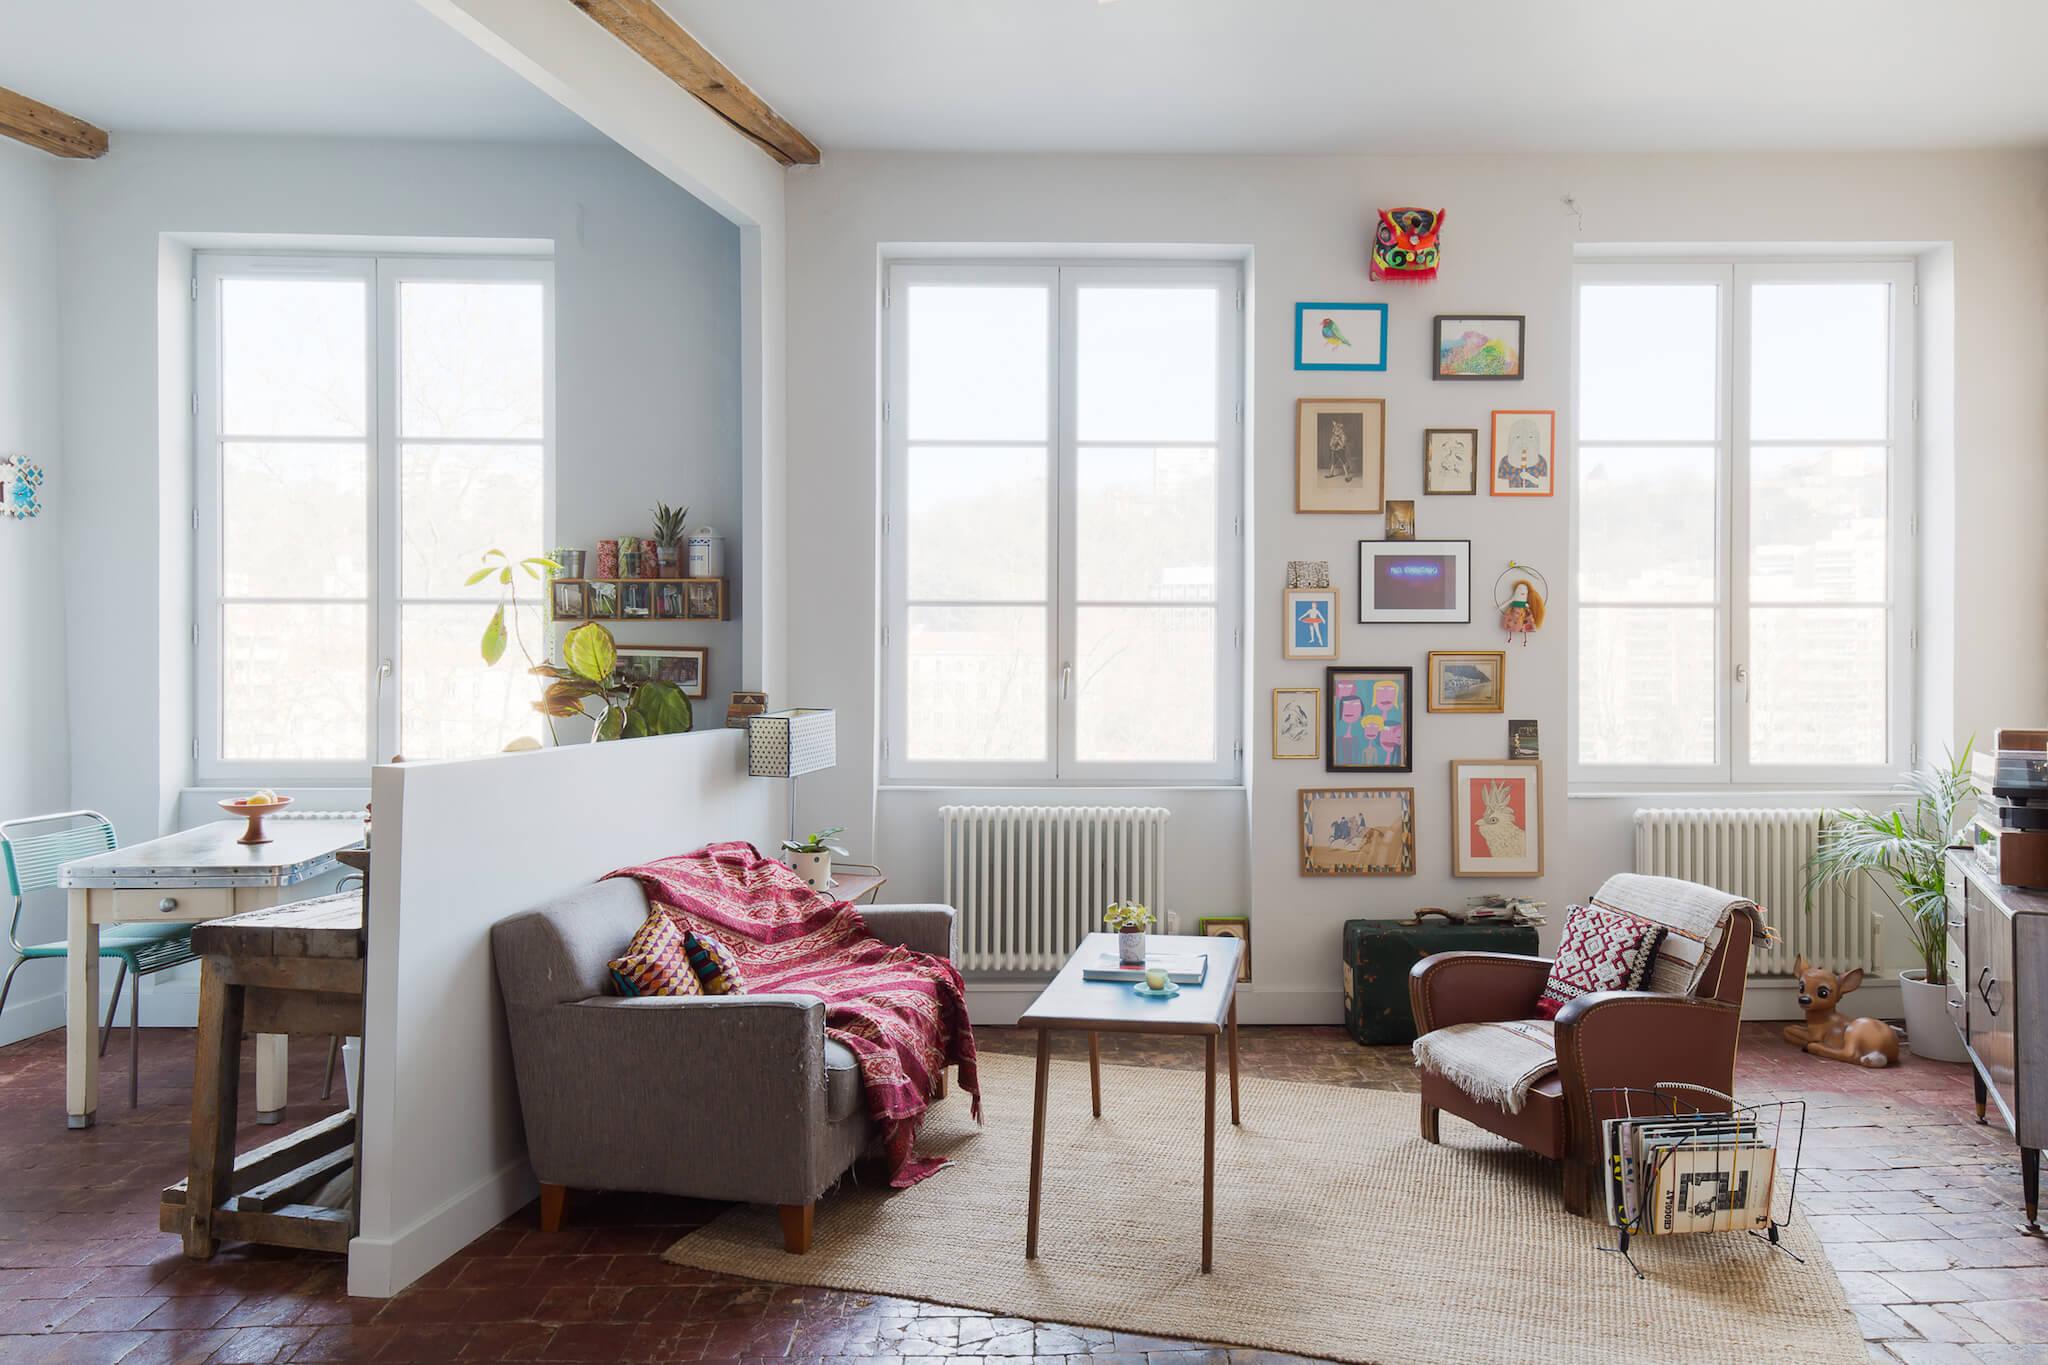 bumper-immobilier-vente-achat-lyon-france-appartement-quai-arloing-69009-4.jpg